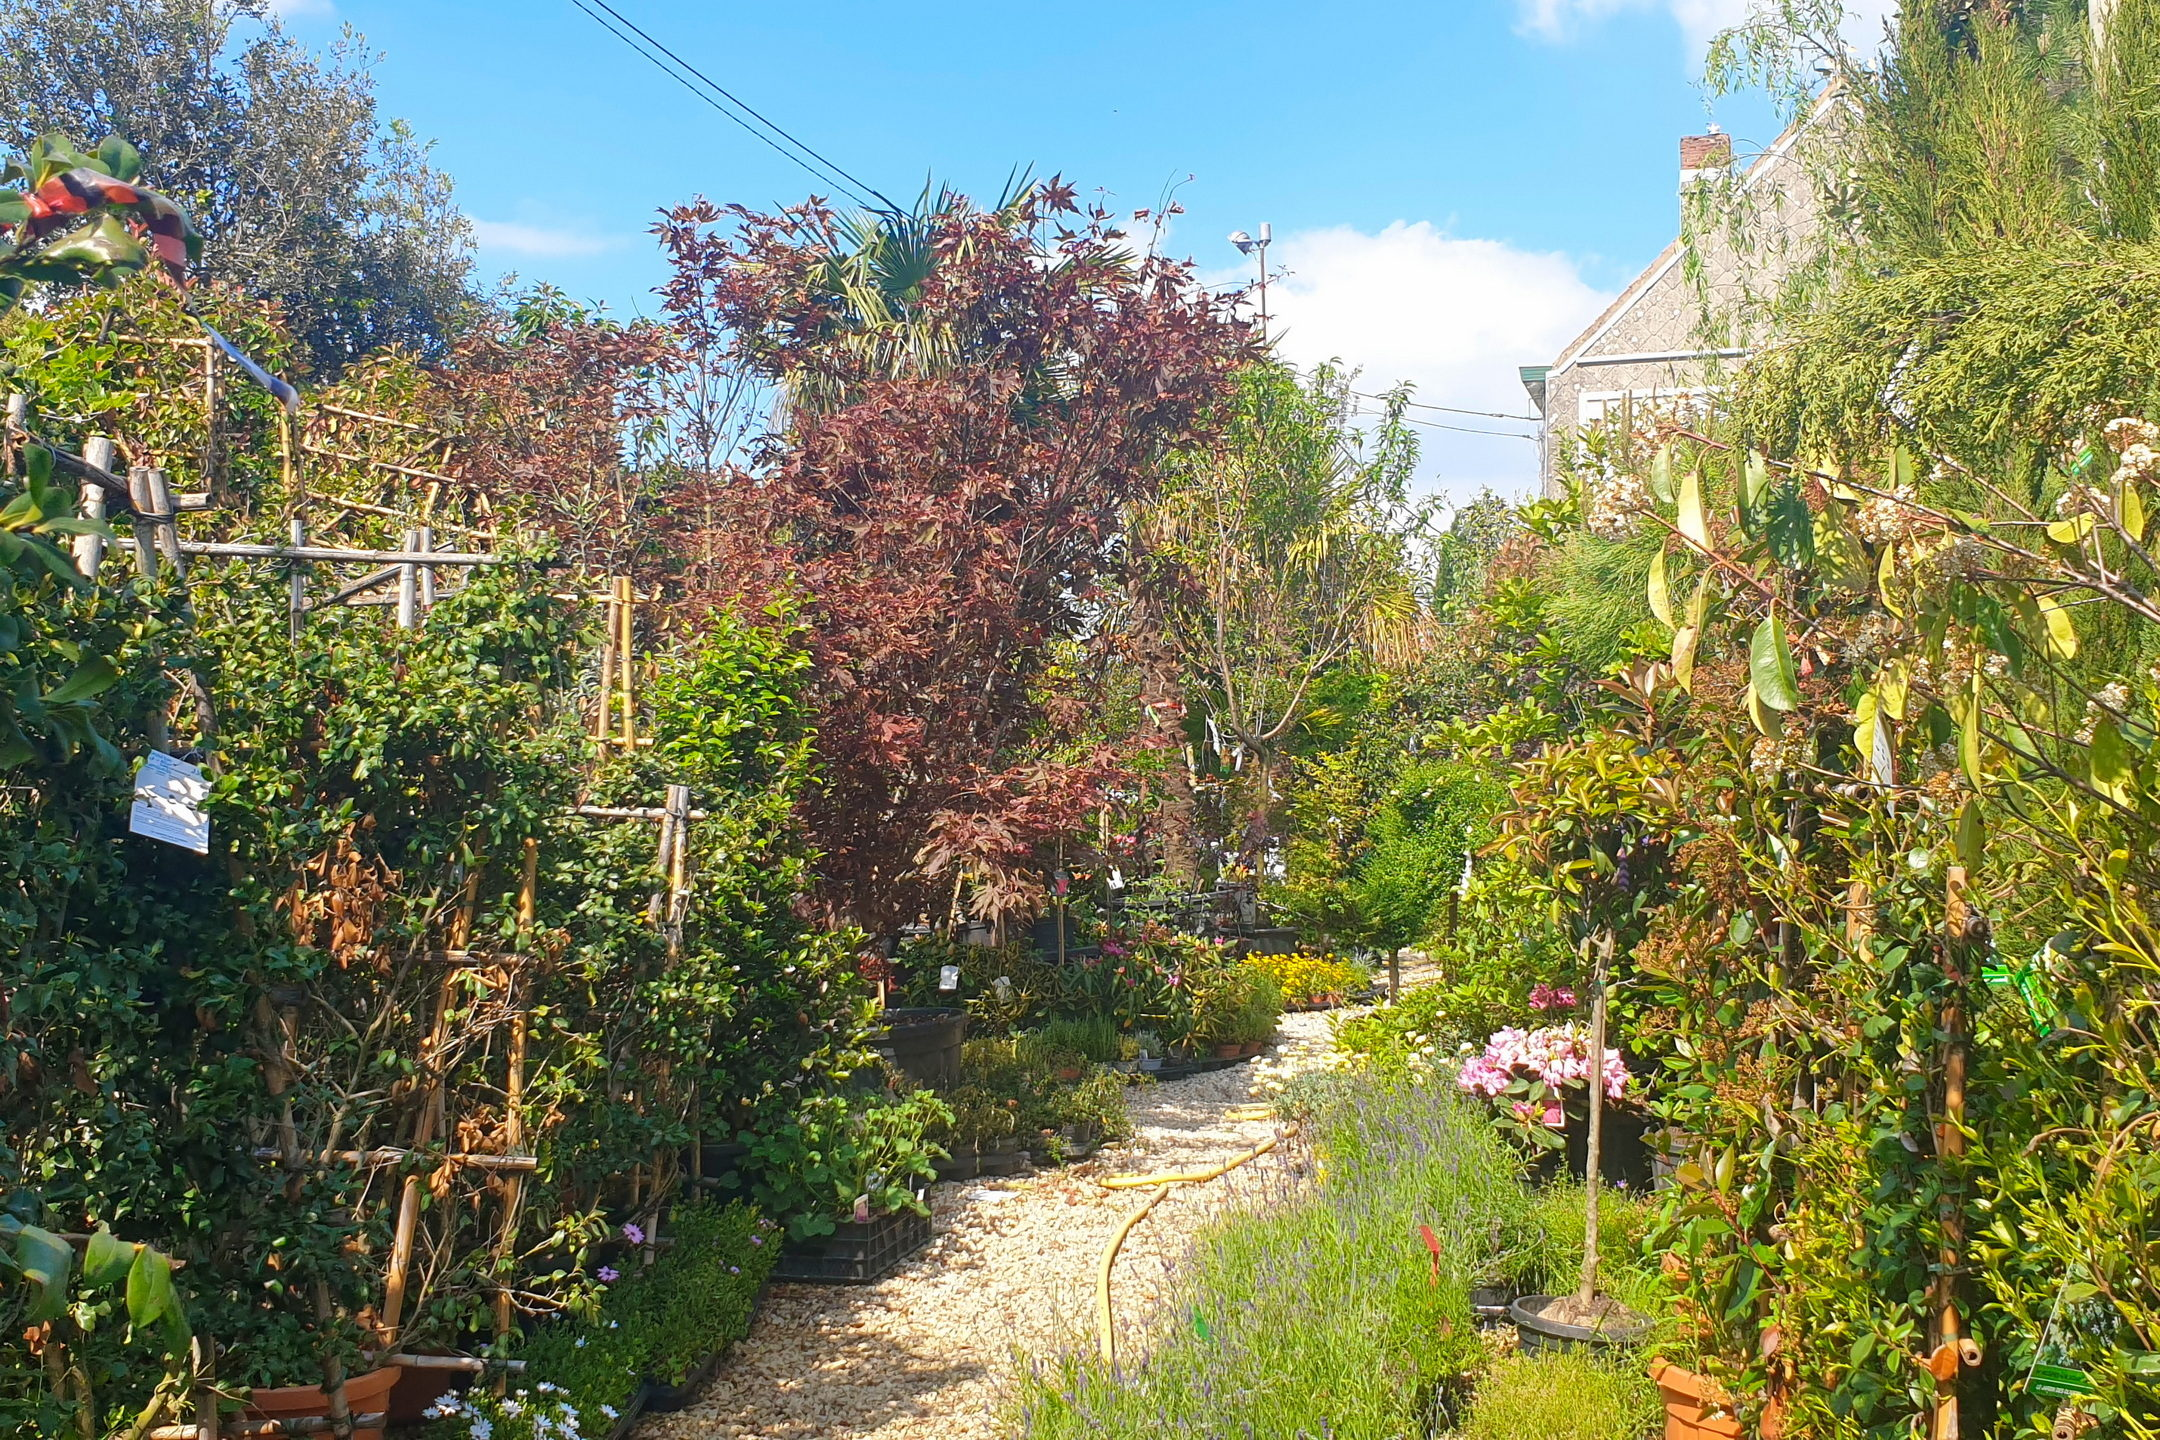 Le-jardin-des-oliviers-21-06-12-14.jpg